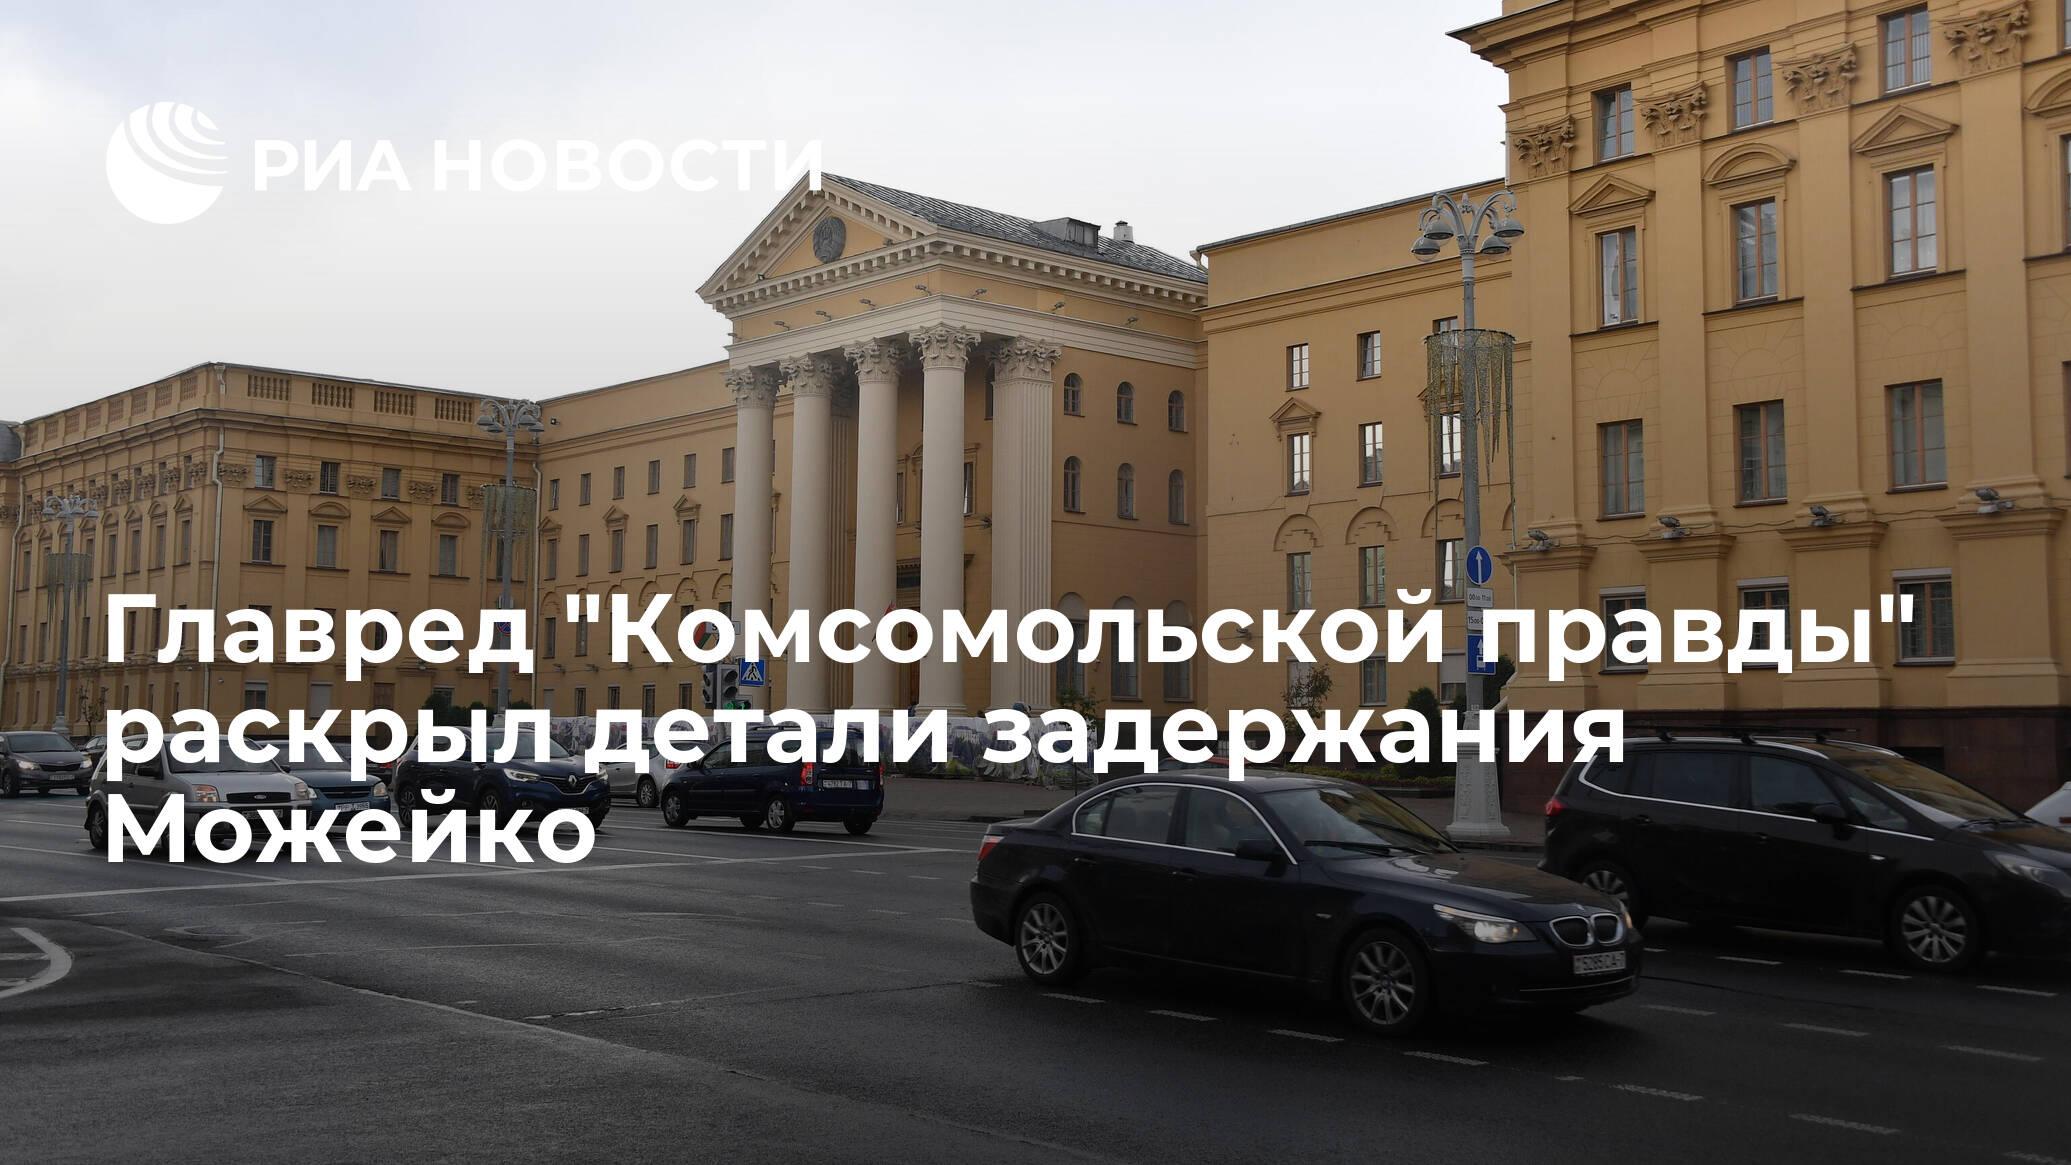 """Главред """"Комсомольской правды"""" раскрыл детали задержания Можейко"""